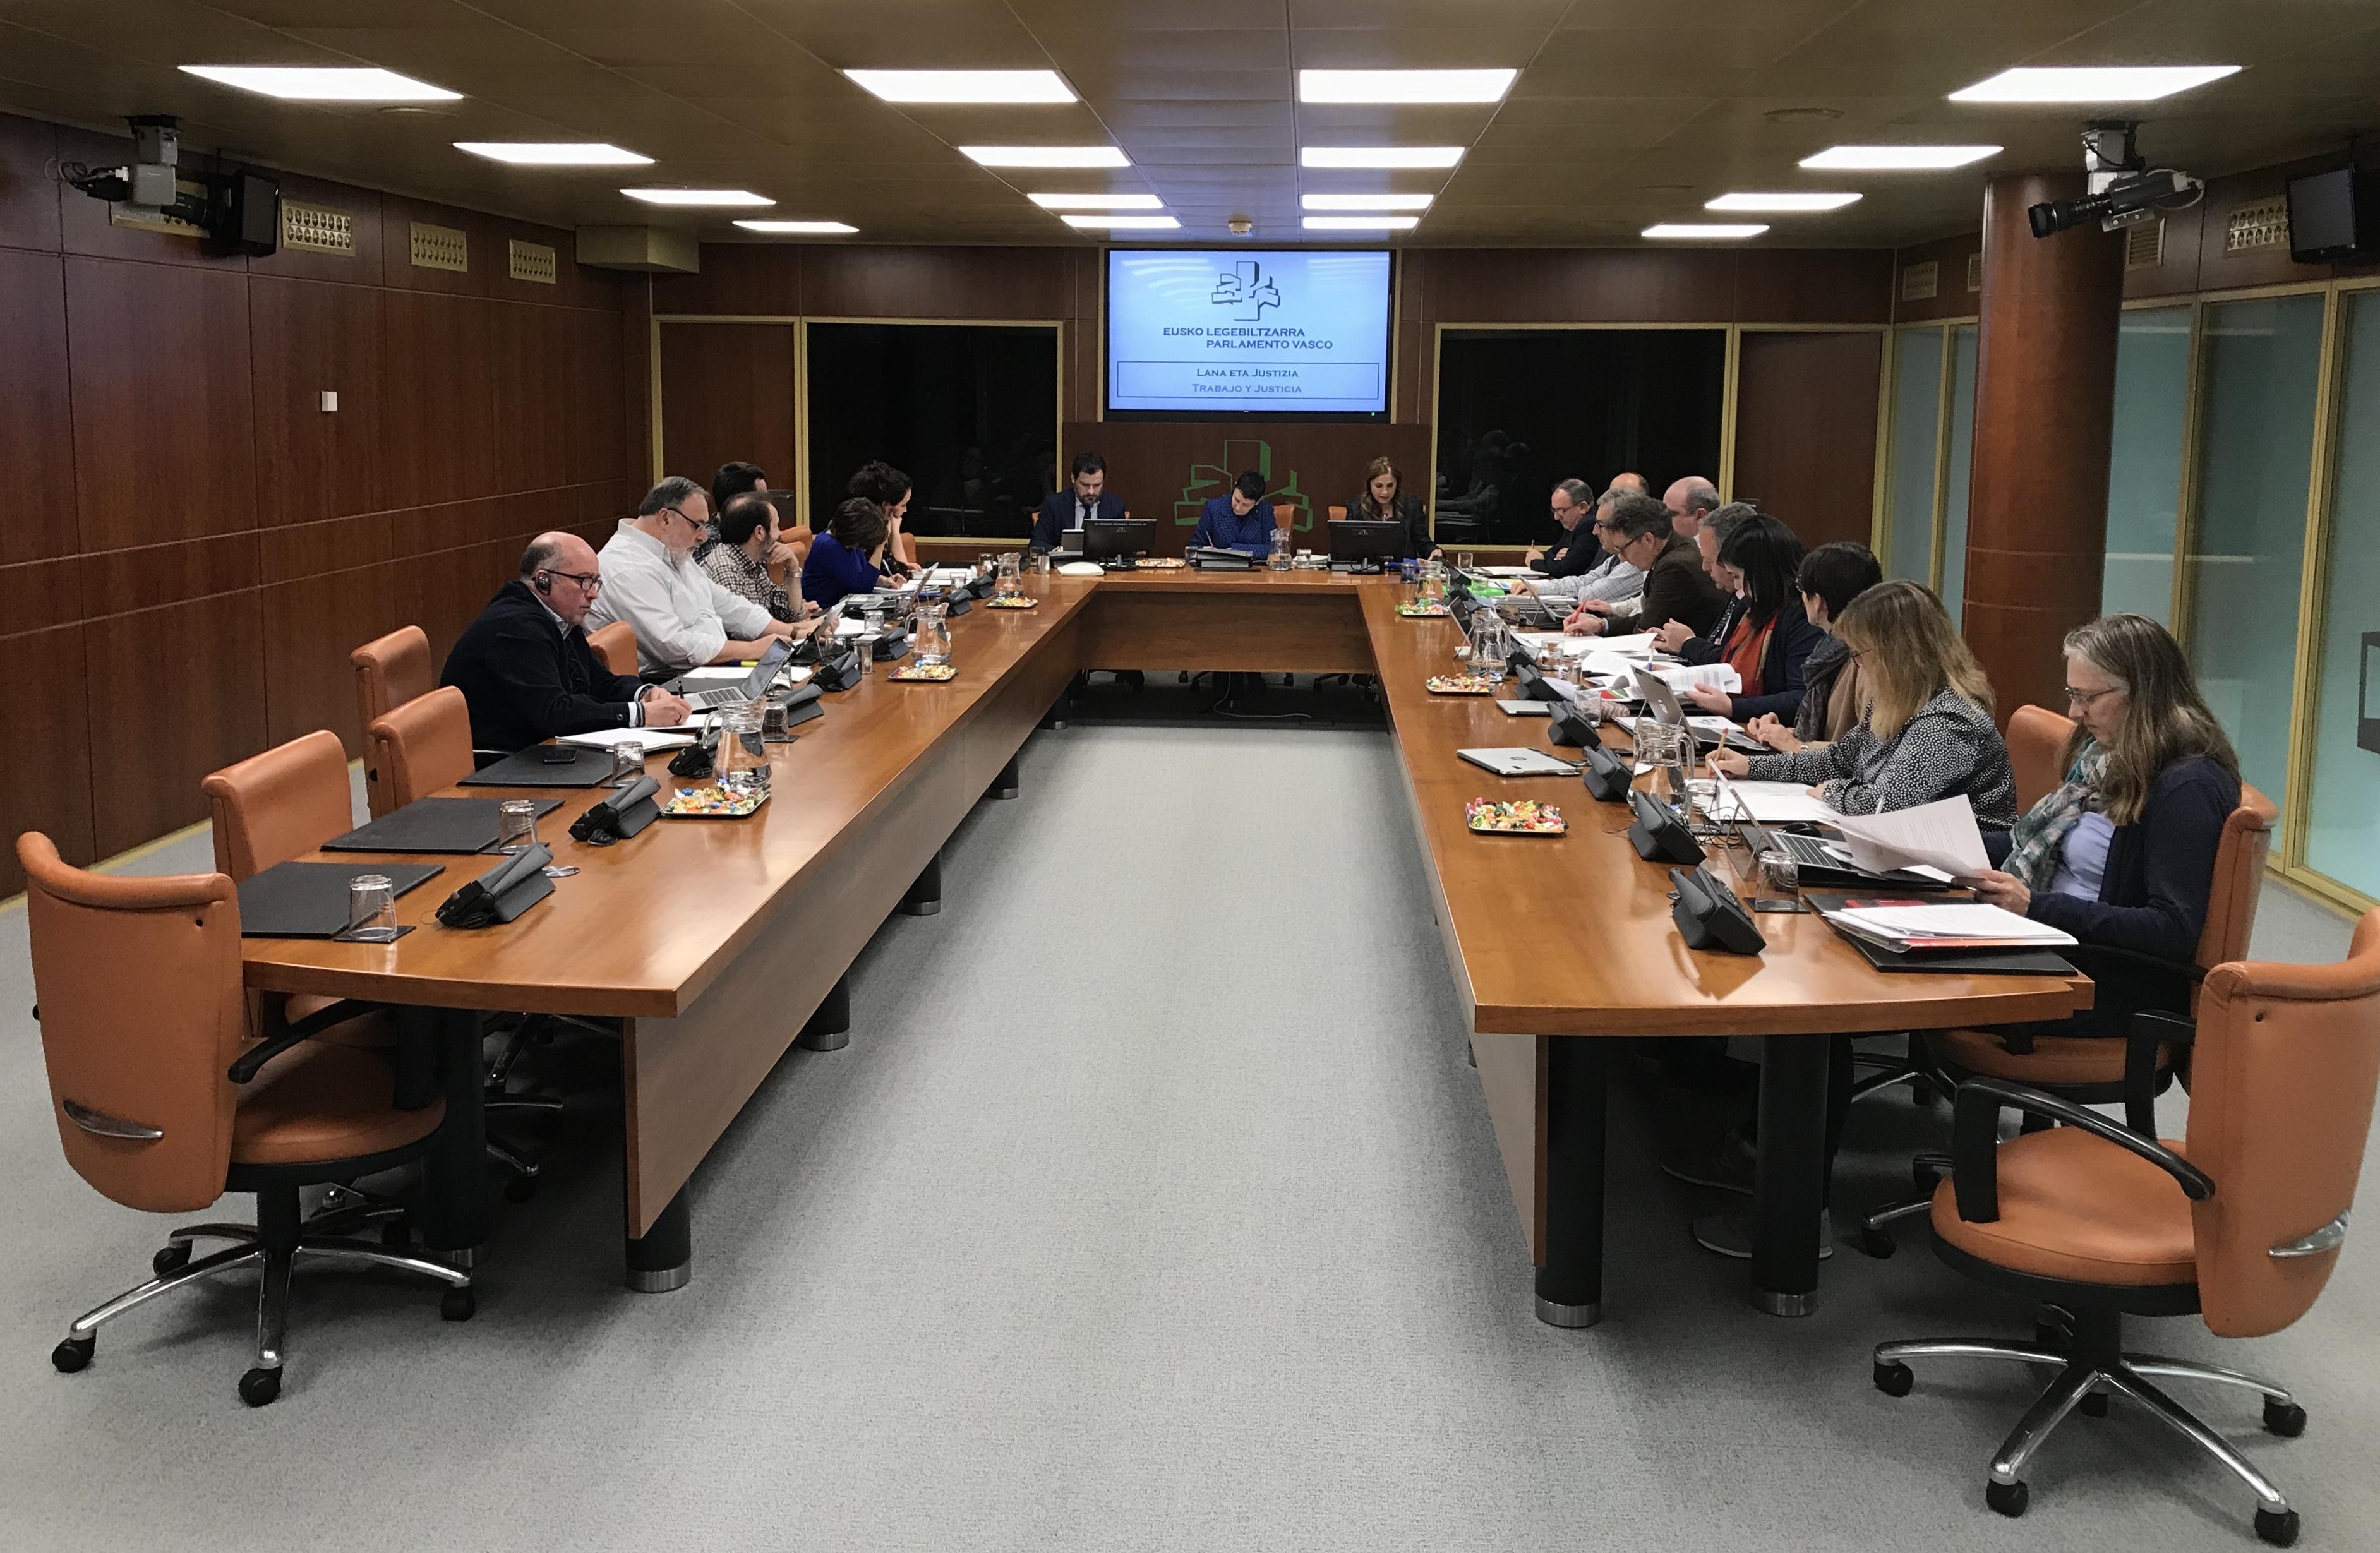 San José pide a los grupos parlamentarios vascos que la futura Ley de Cooperativas cuente con el mismo consenso y pleno respaldo que el alcanzado con el conjunto del sector cooperativo de Euskadi.